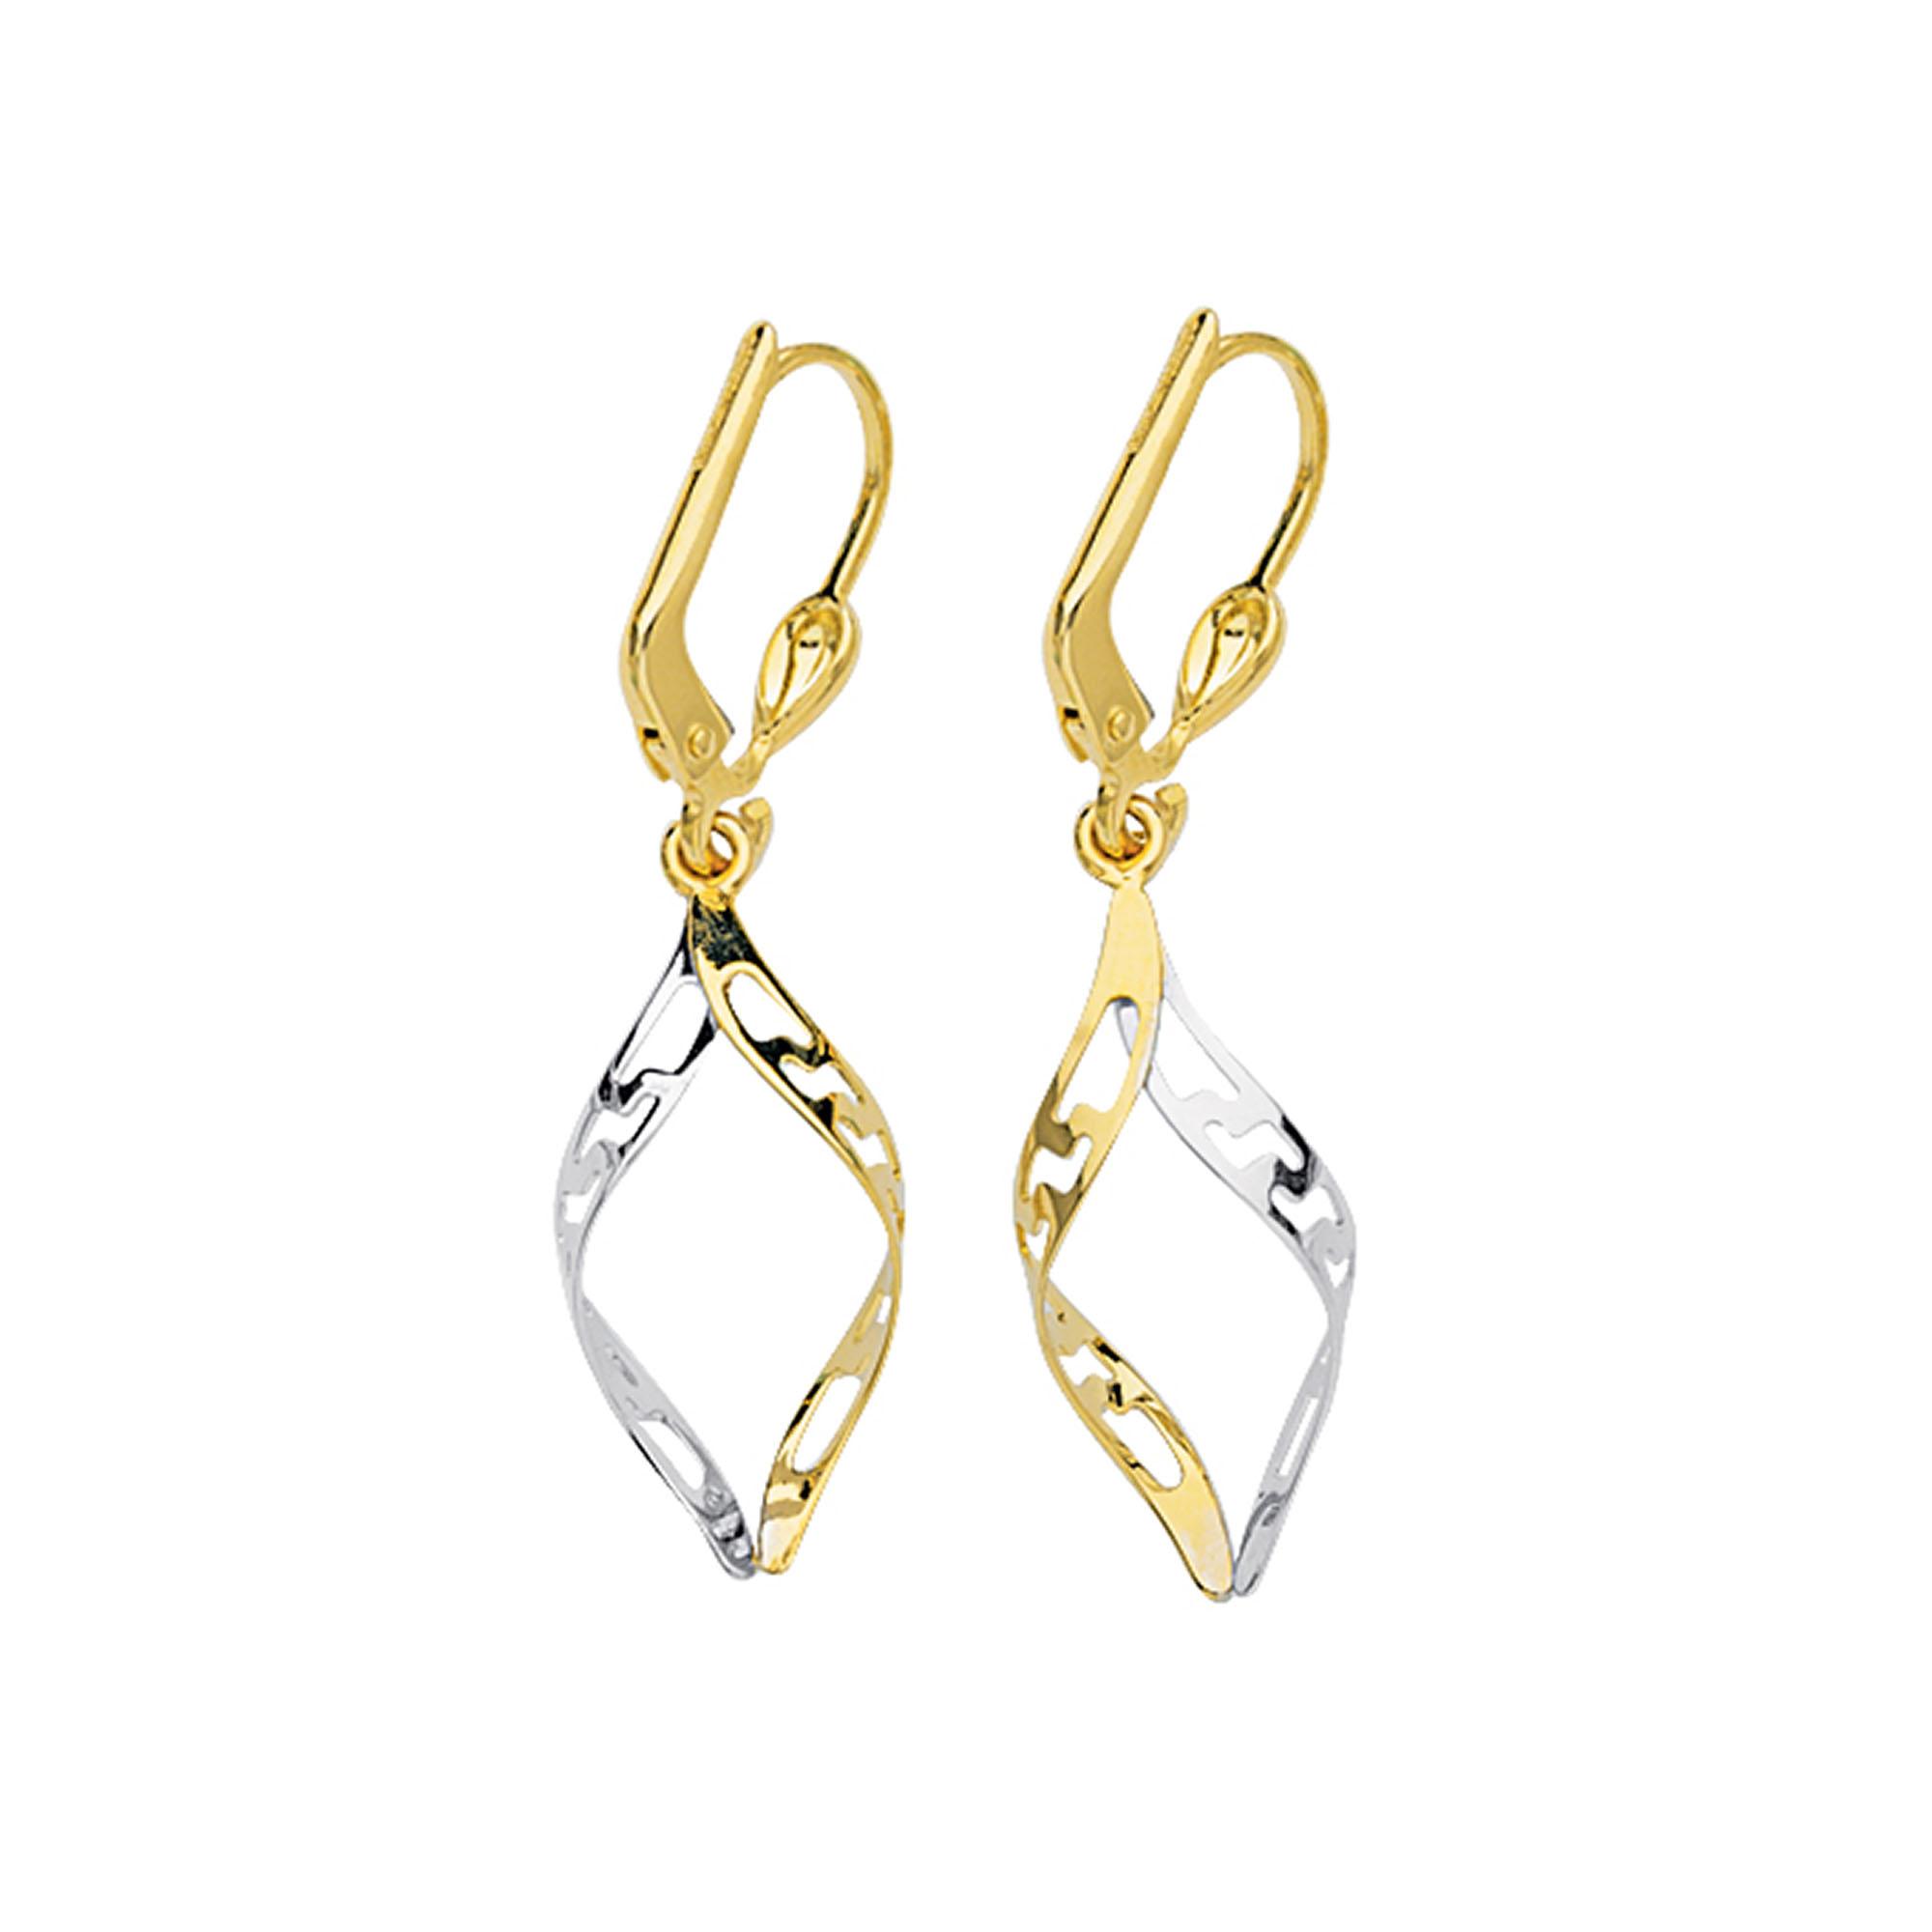 Greek Key Earring, 14Kt Gold Earring